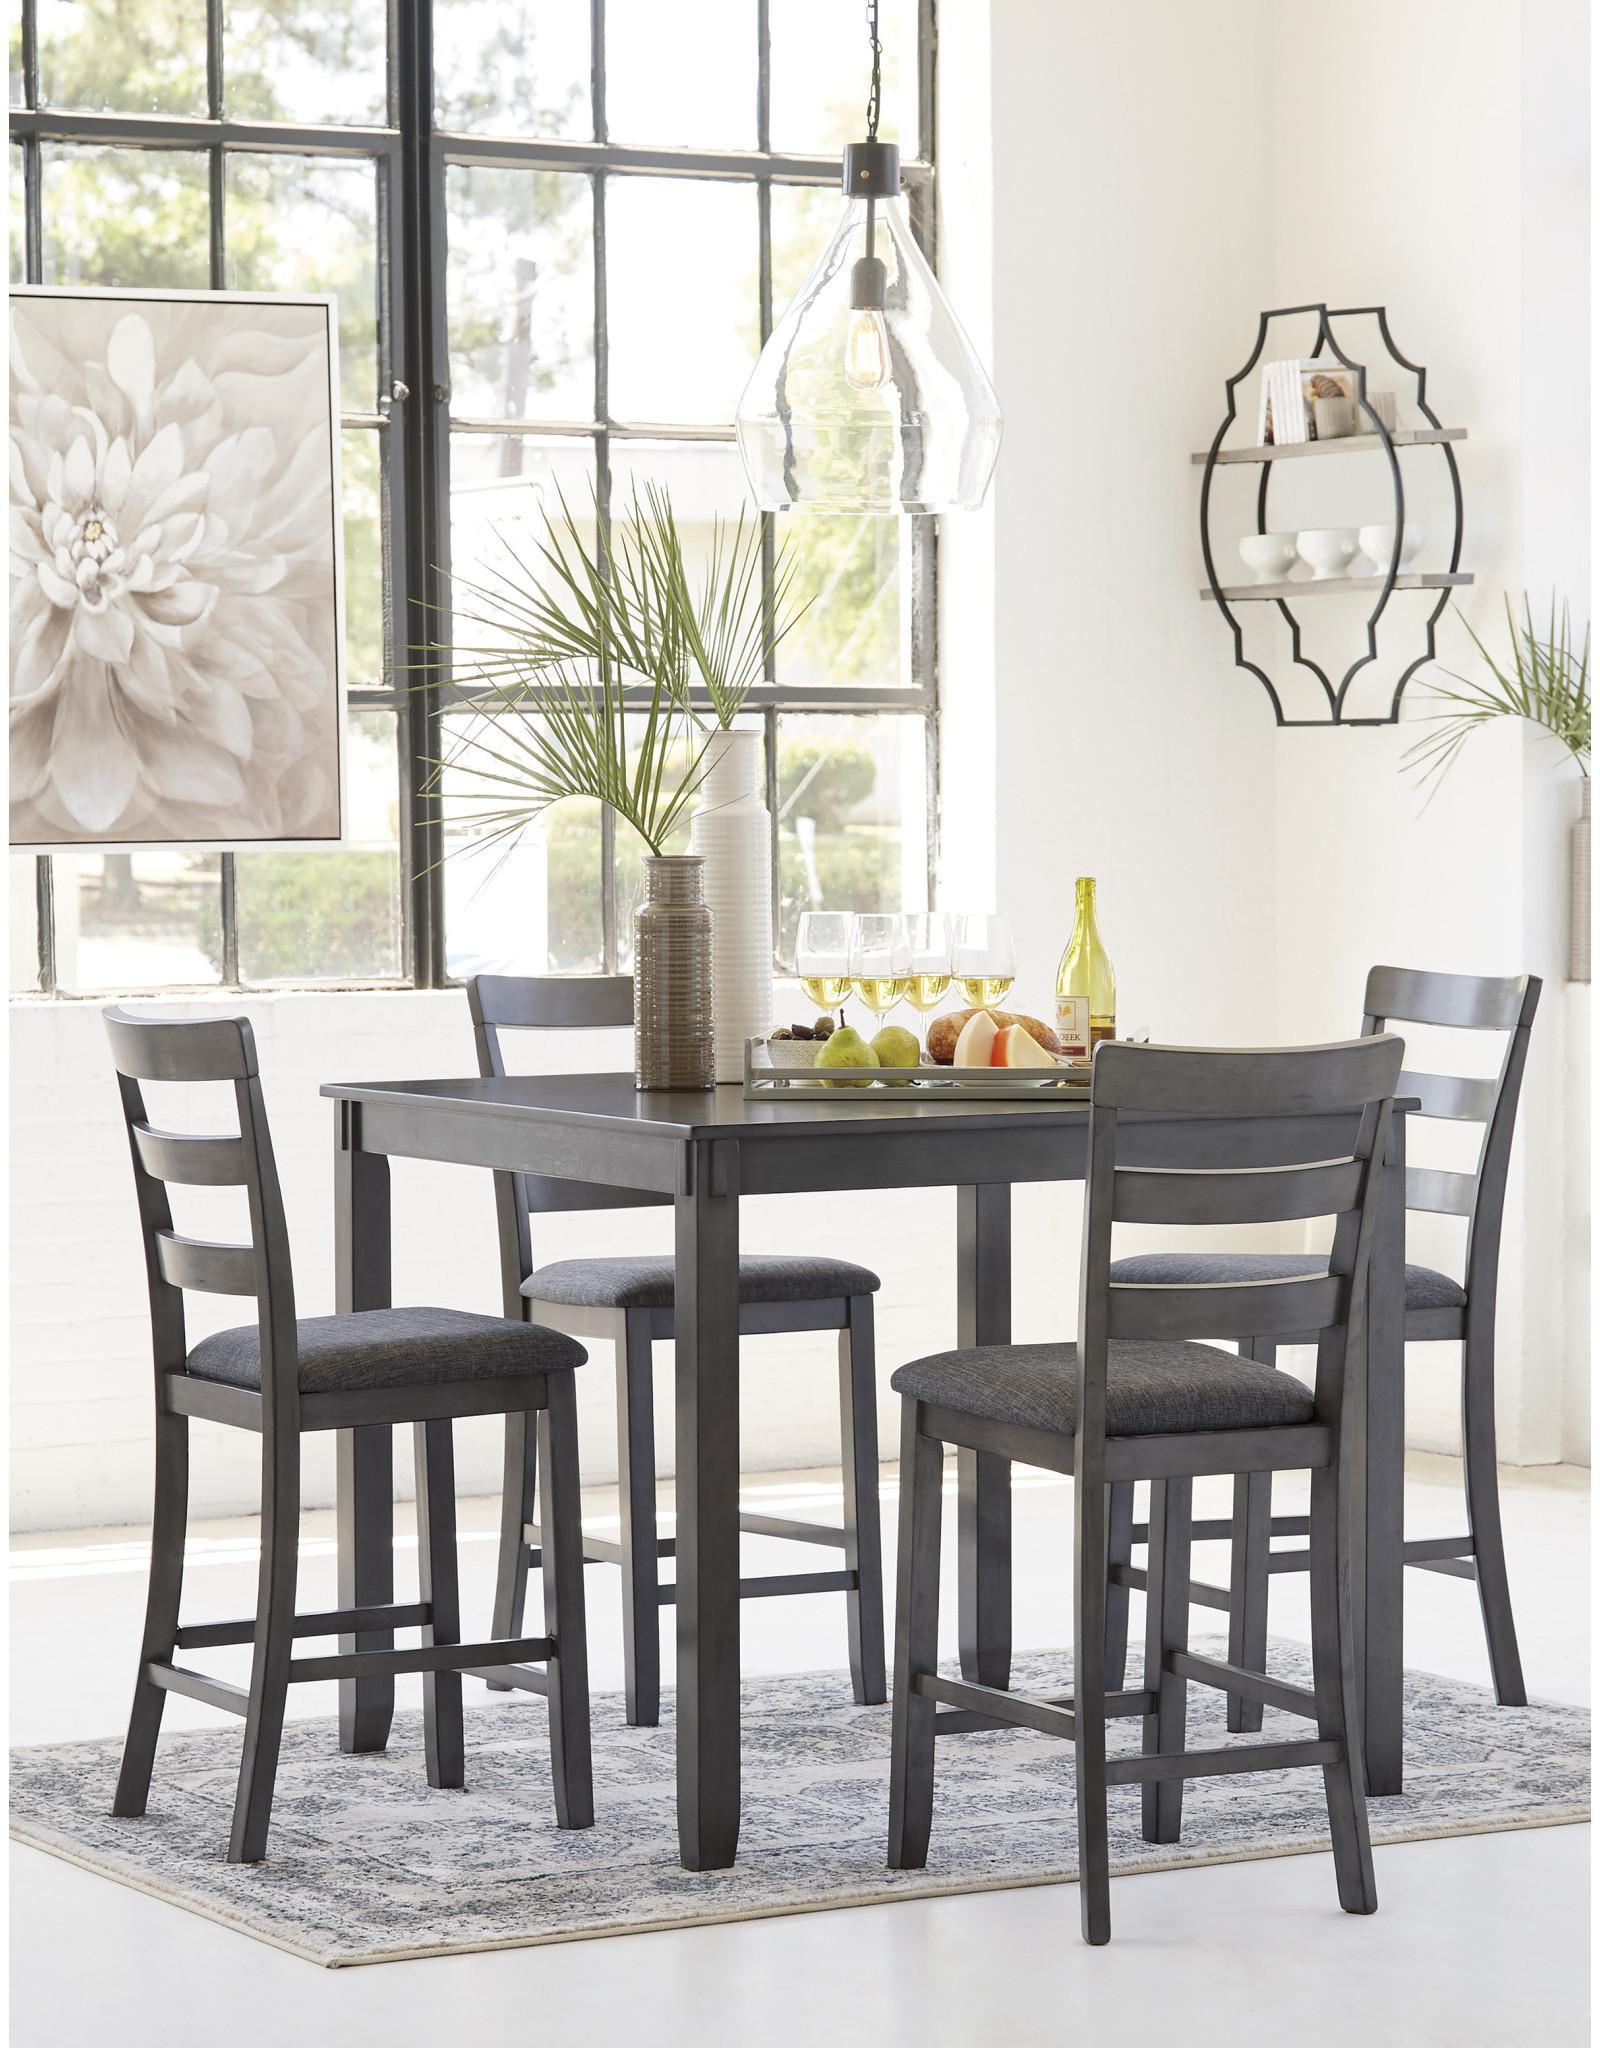 Bridson D383-223 Table & 4 Stools